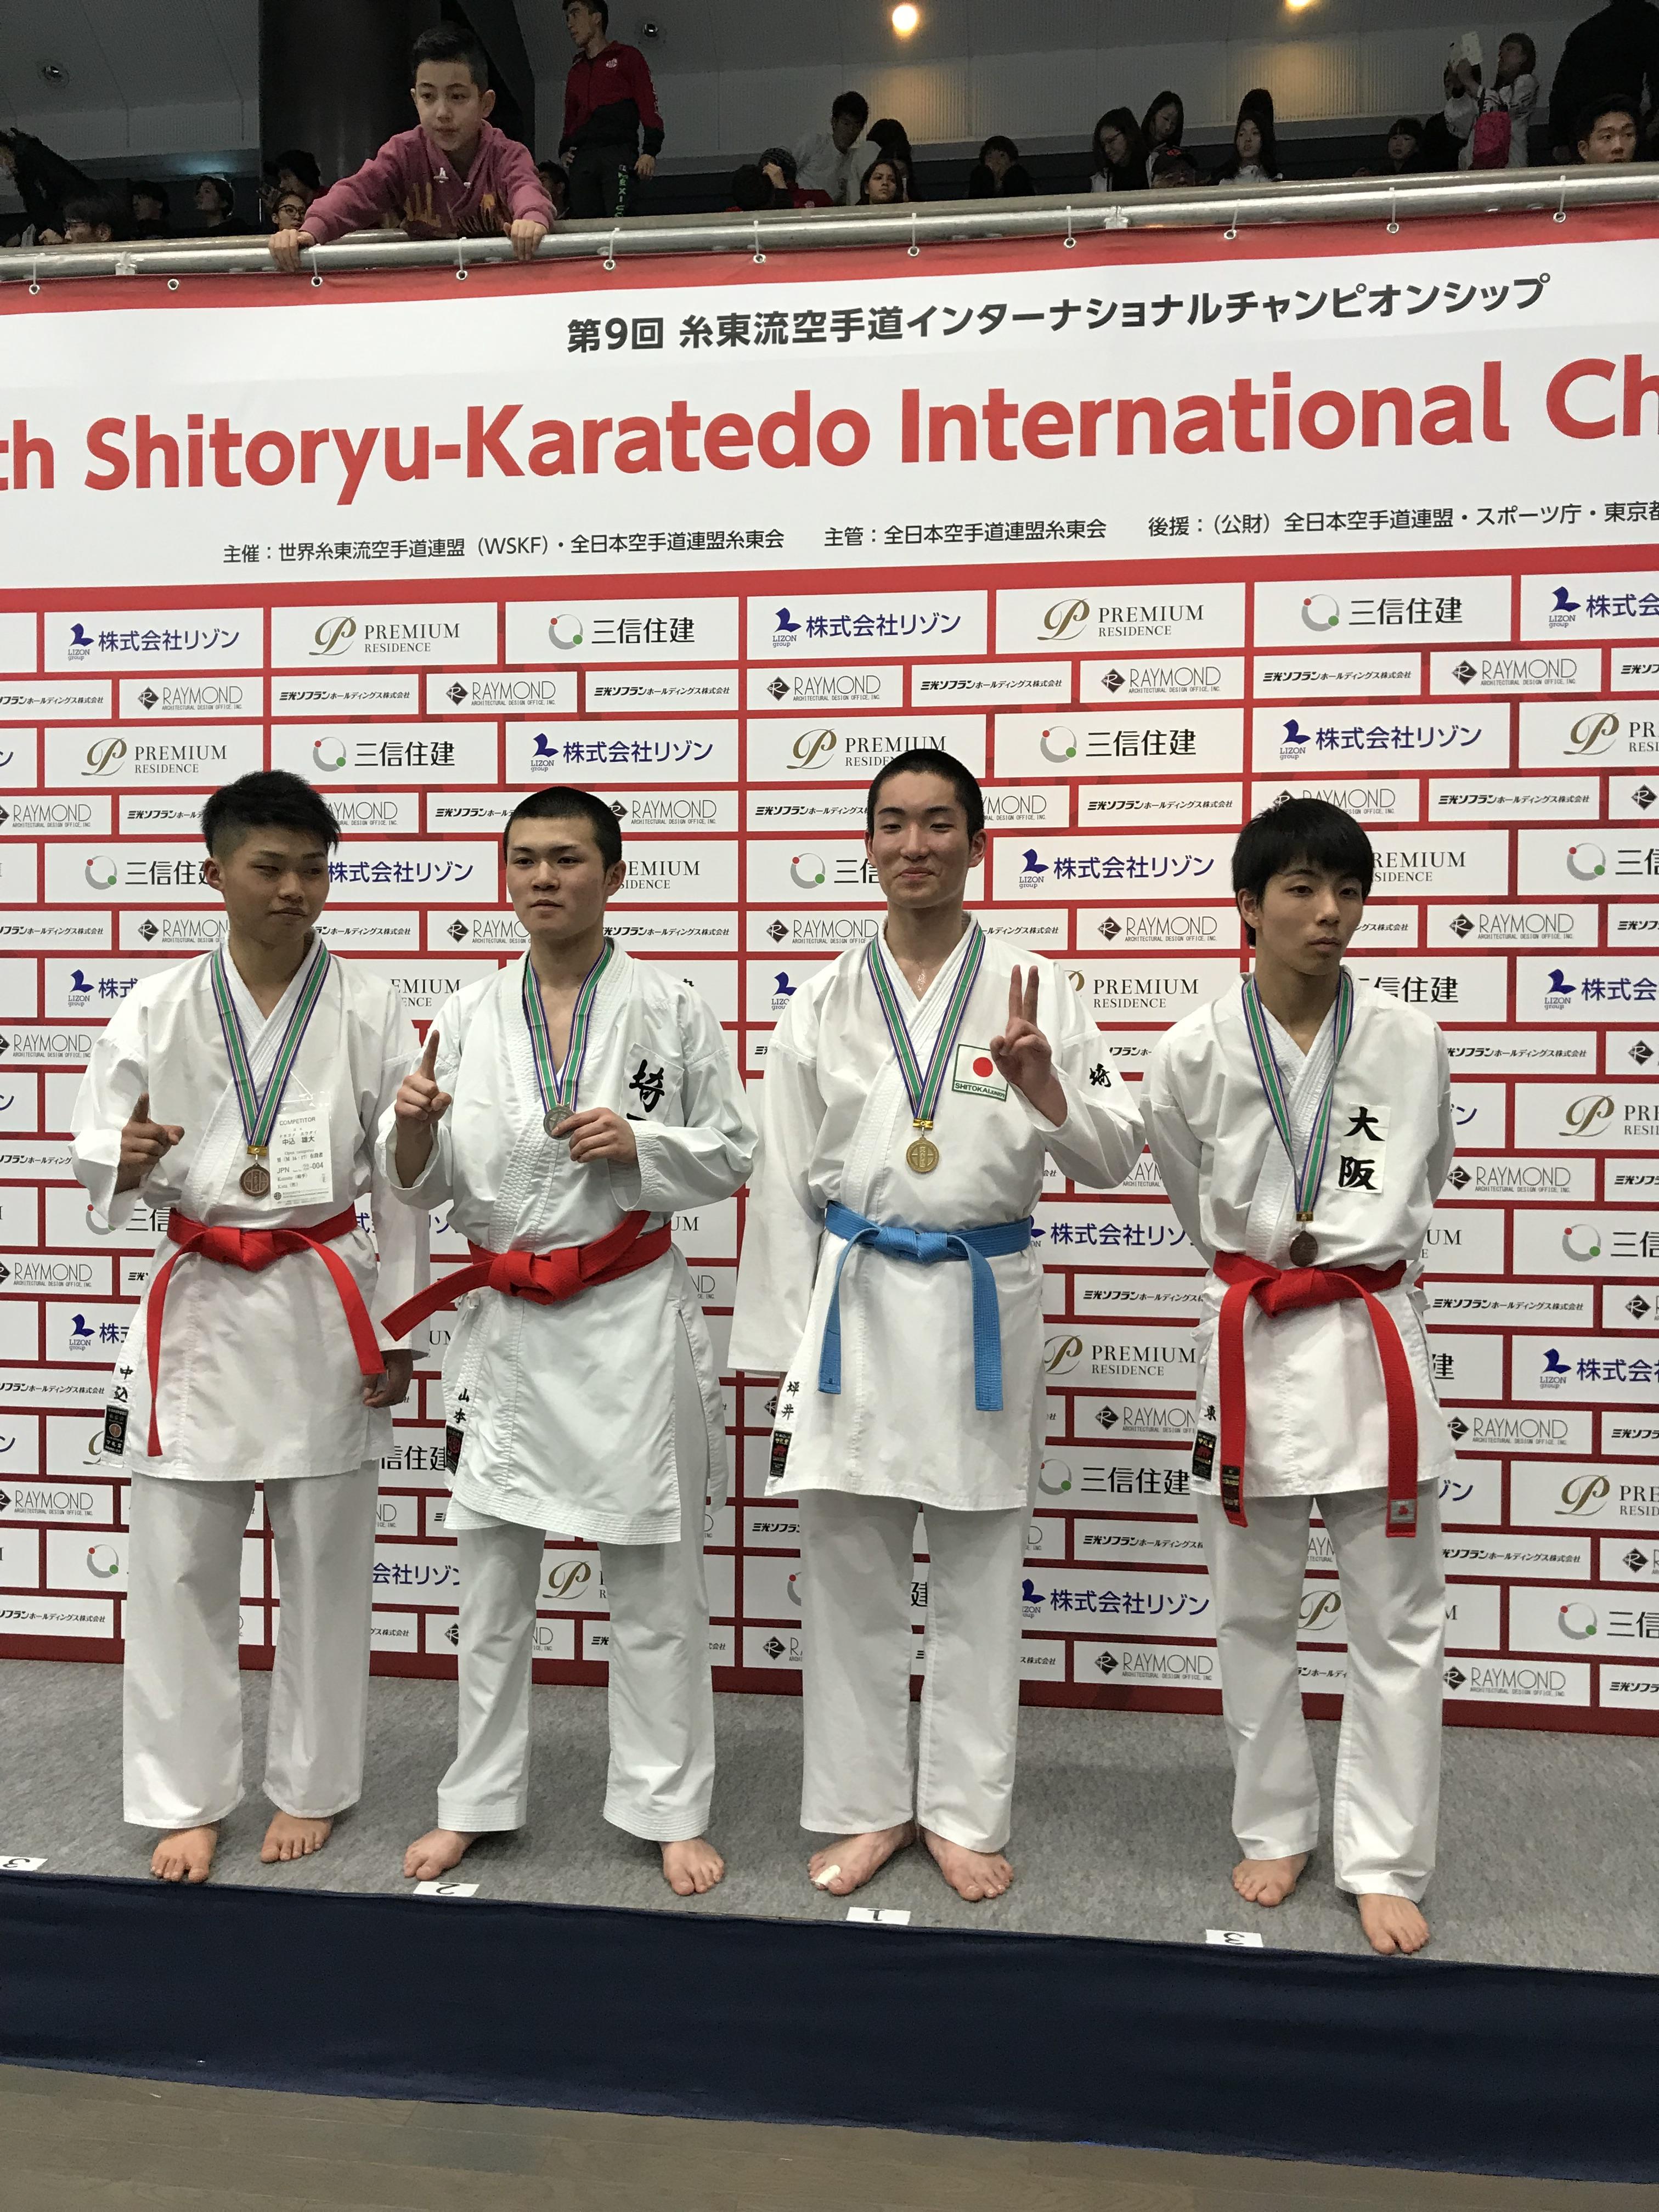 第9回 糸東流空手道インタナショナルチャンピオンシップ (in japan)